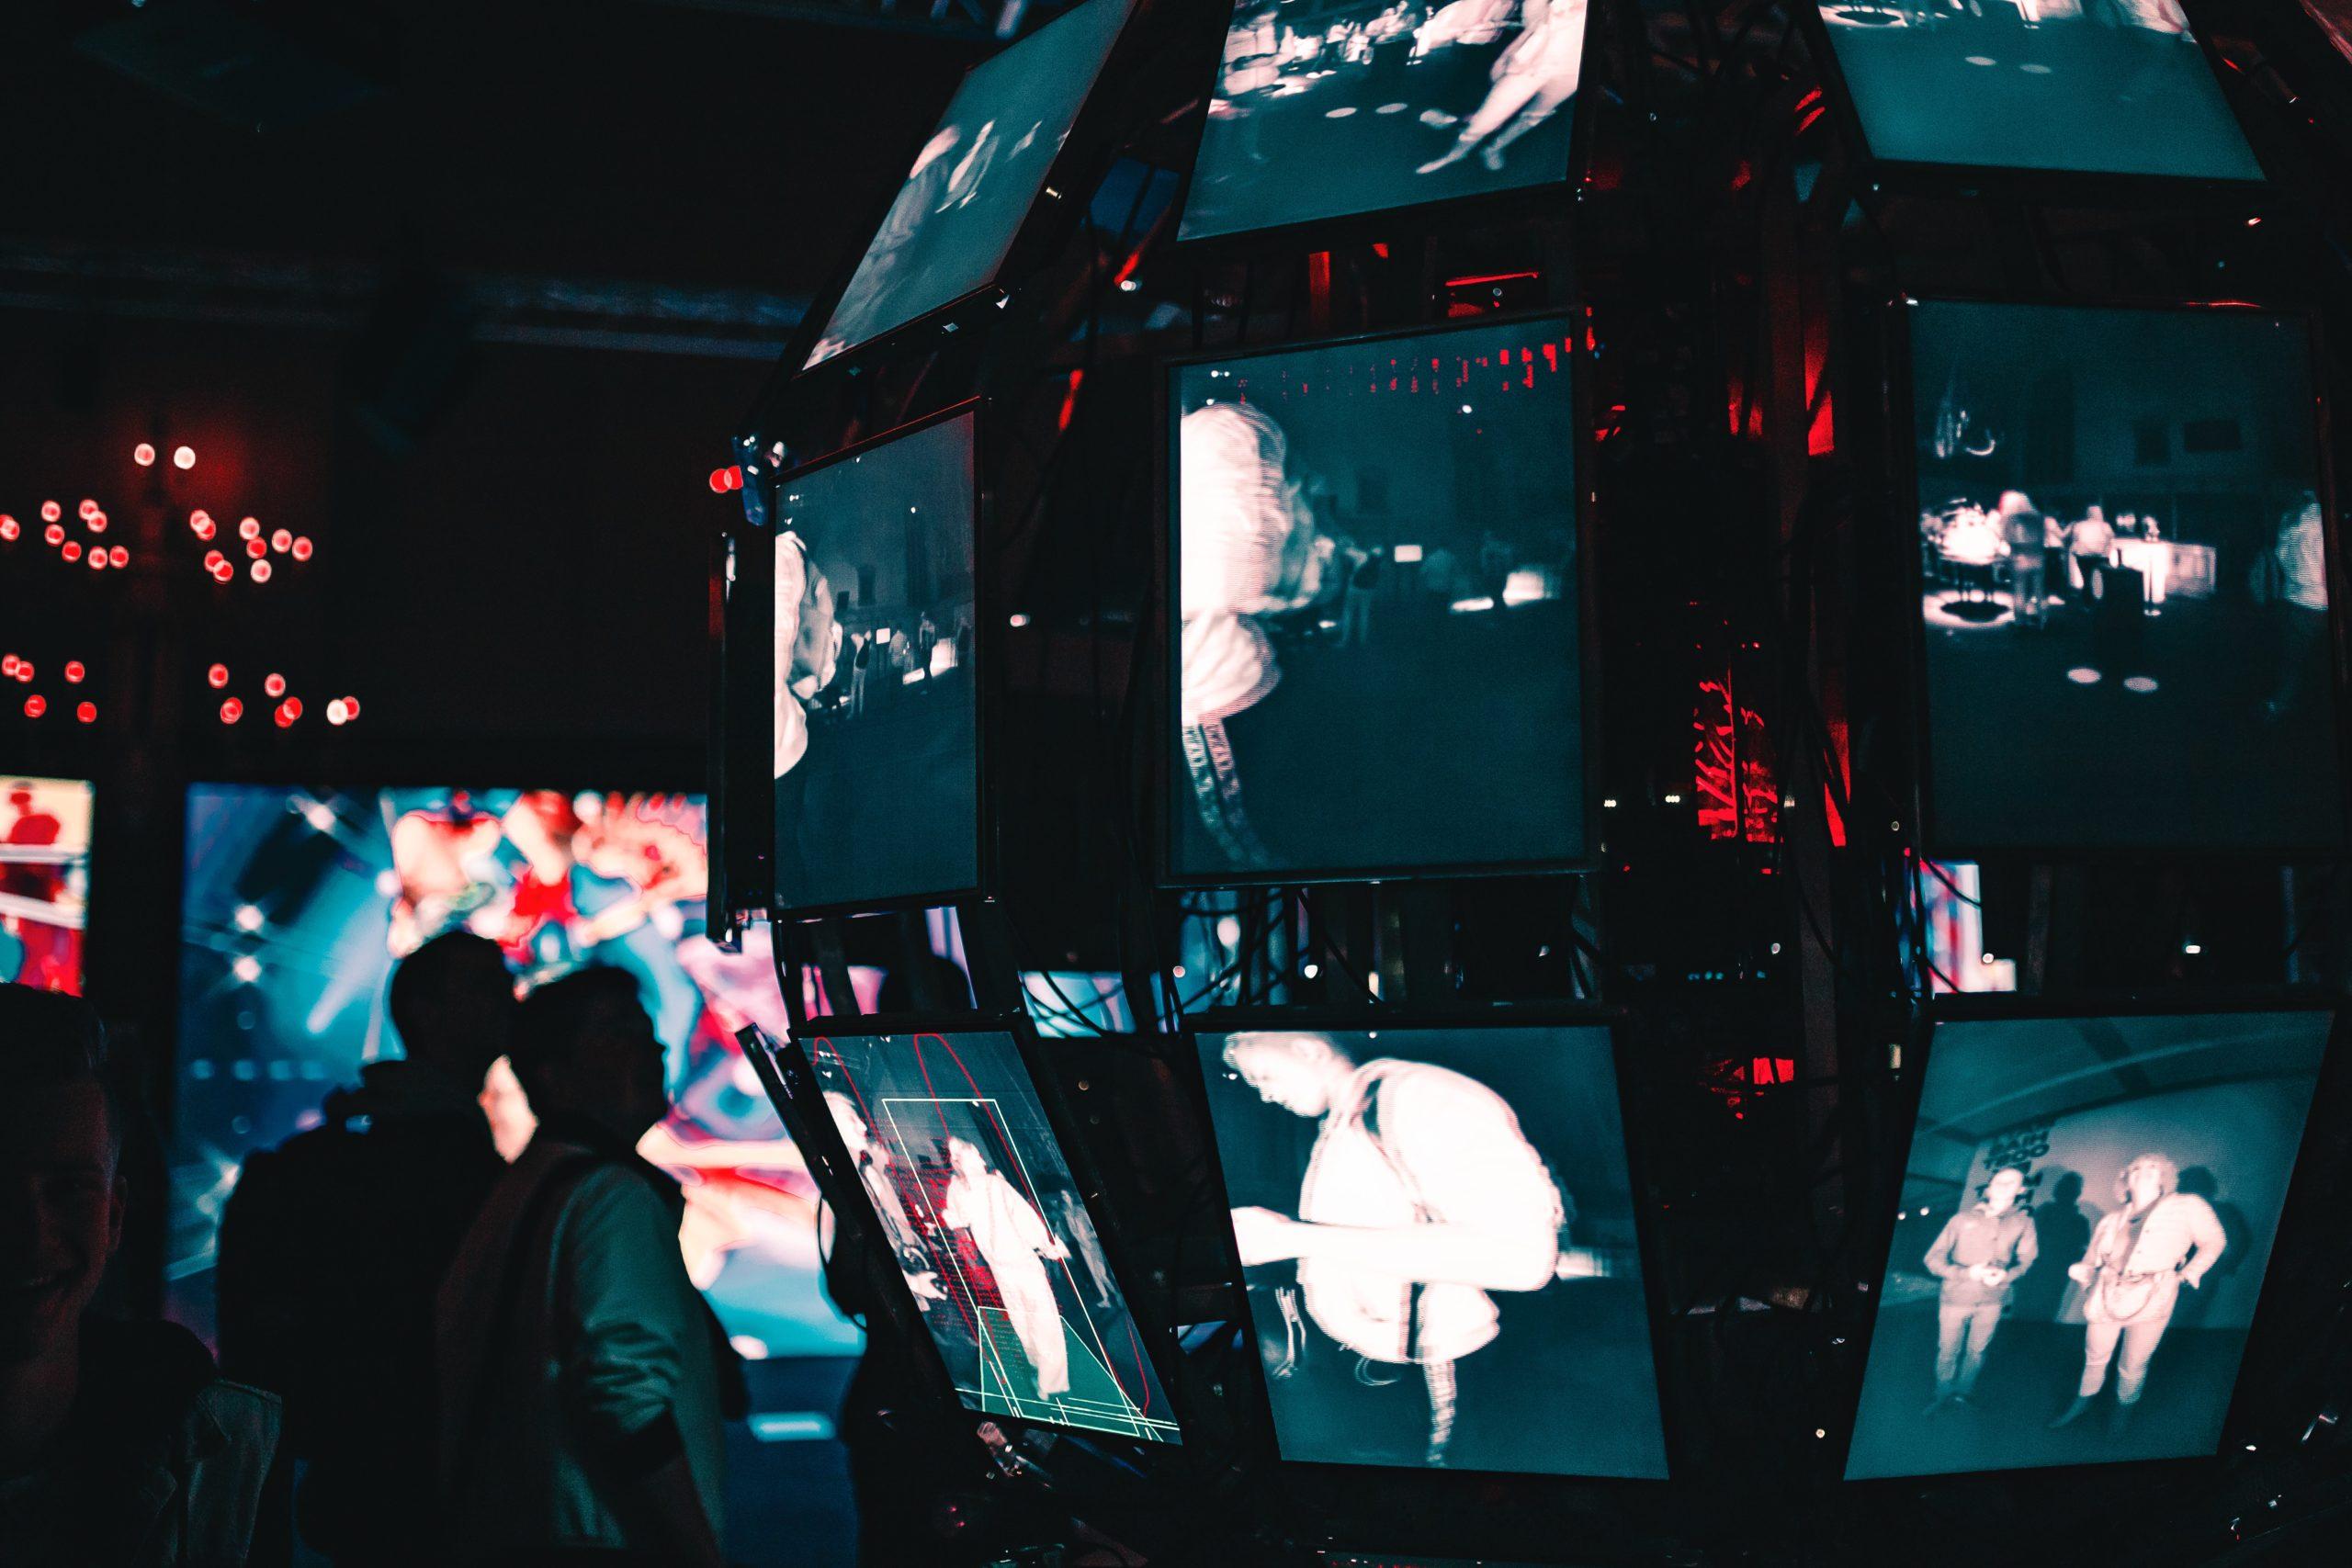 Vuorovaikutus virtuaalitapahtuman keskiössä – aktivoi osallistuja inspiroitumaan